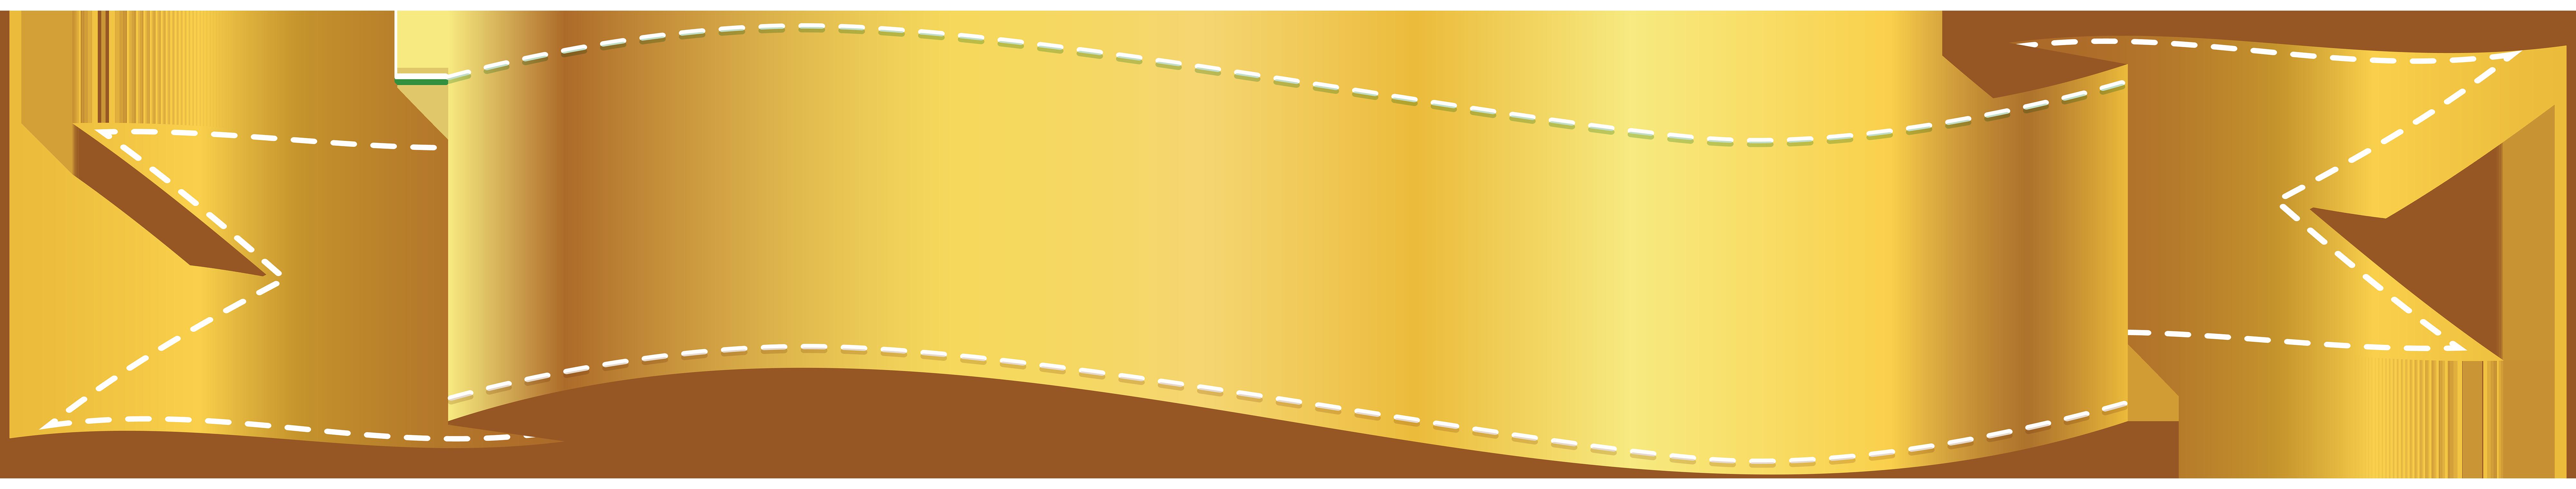 Golden Banner PNG Clip Art Image.